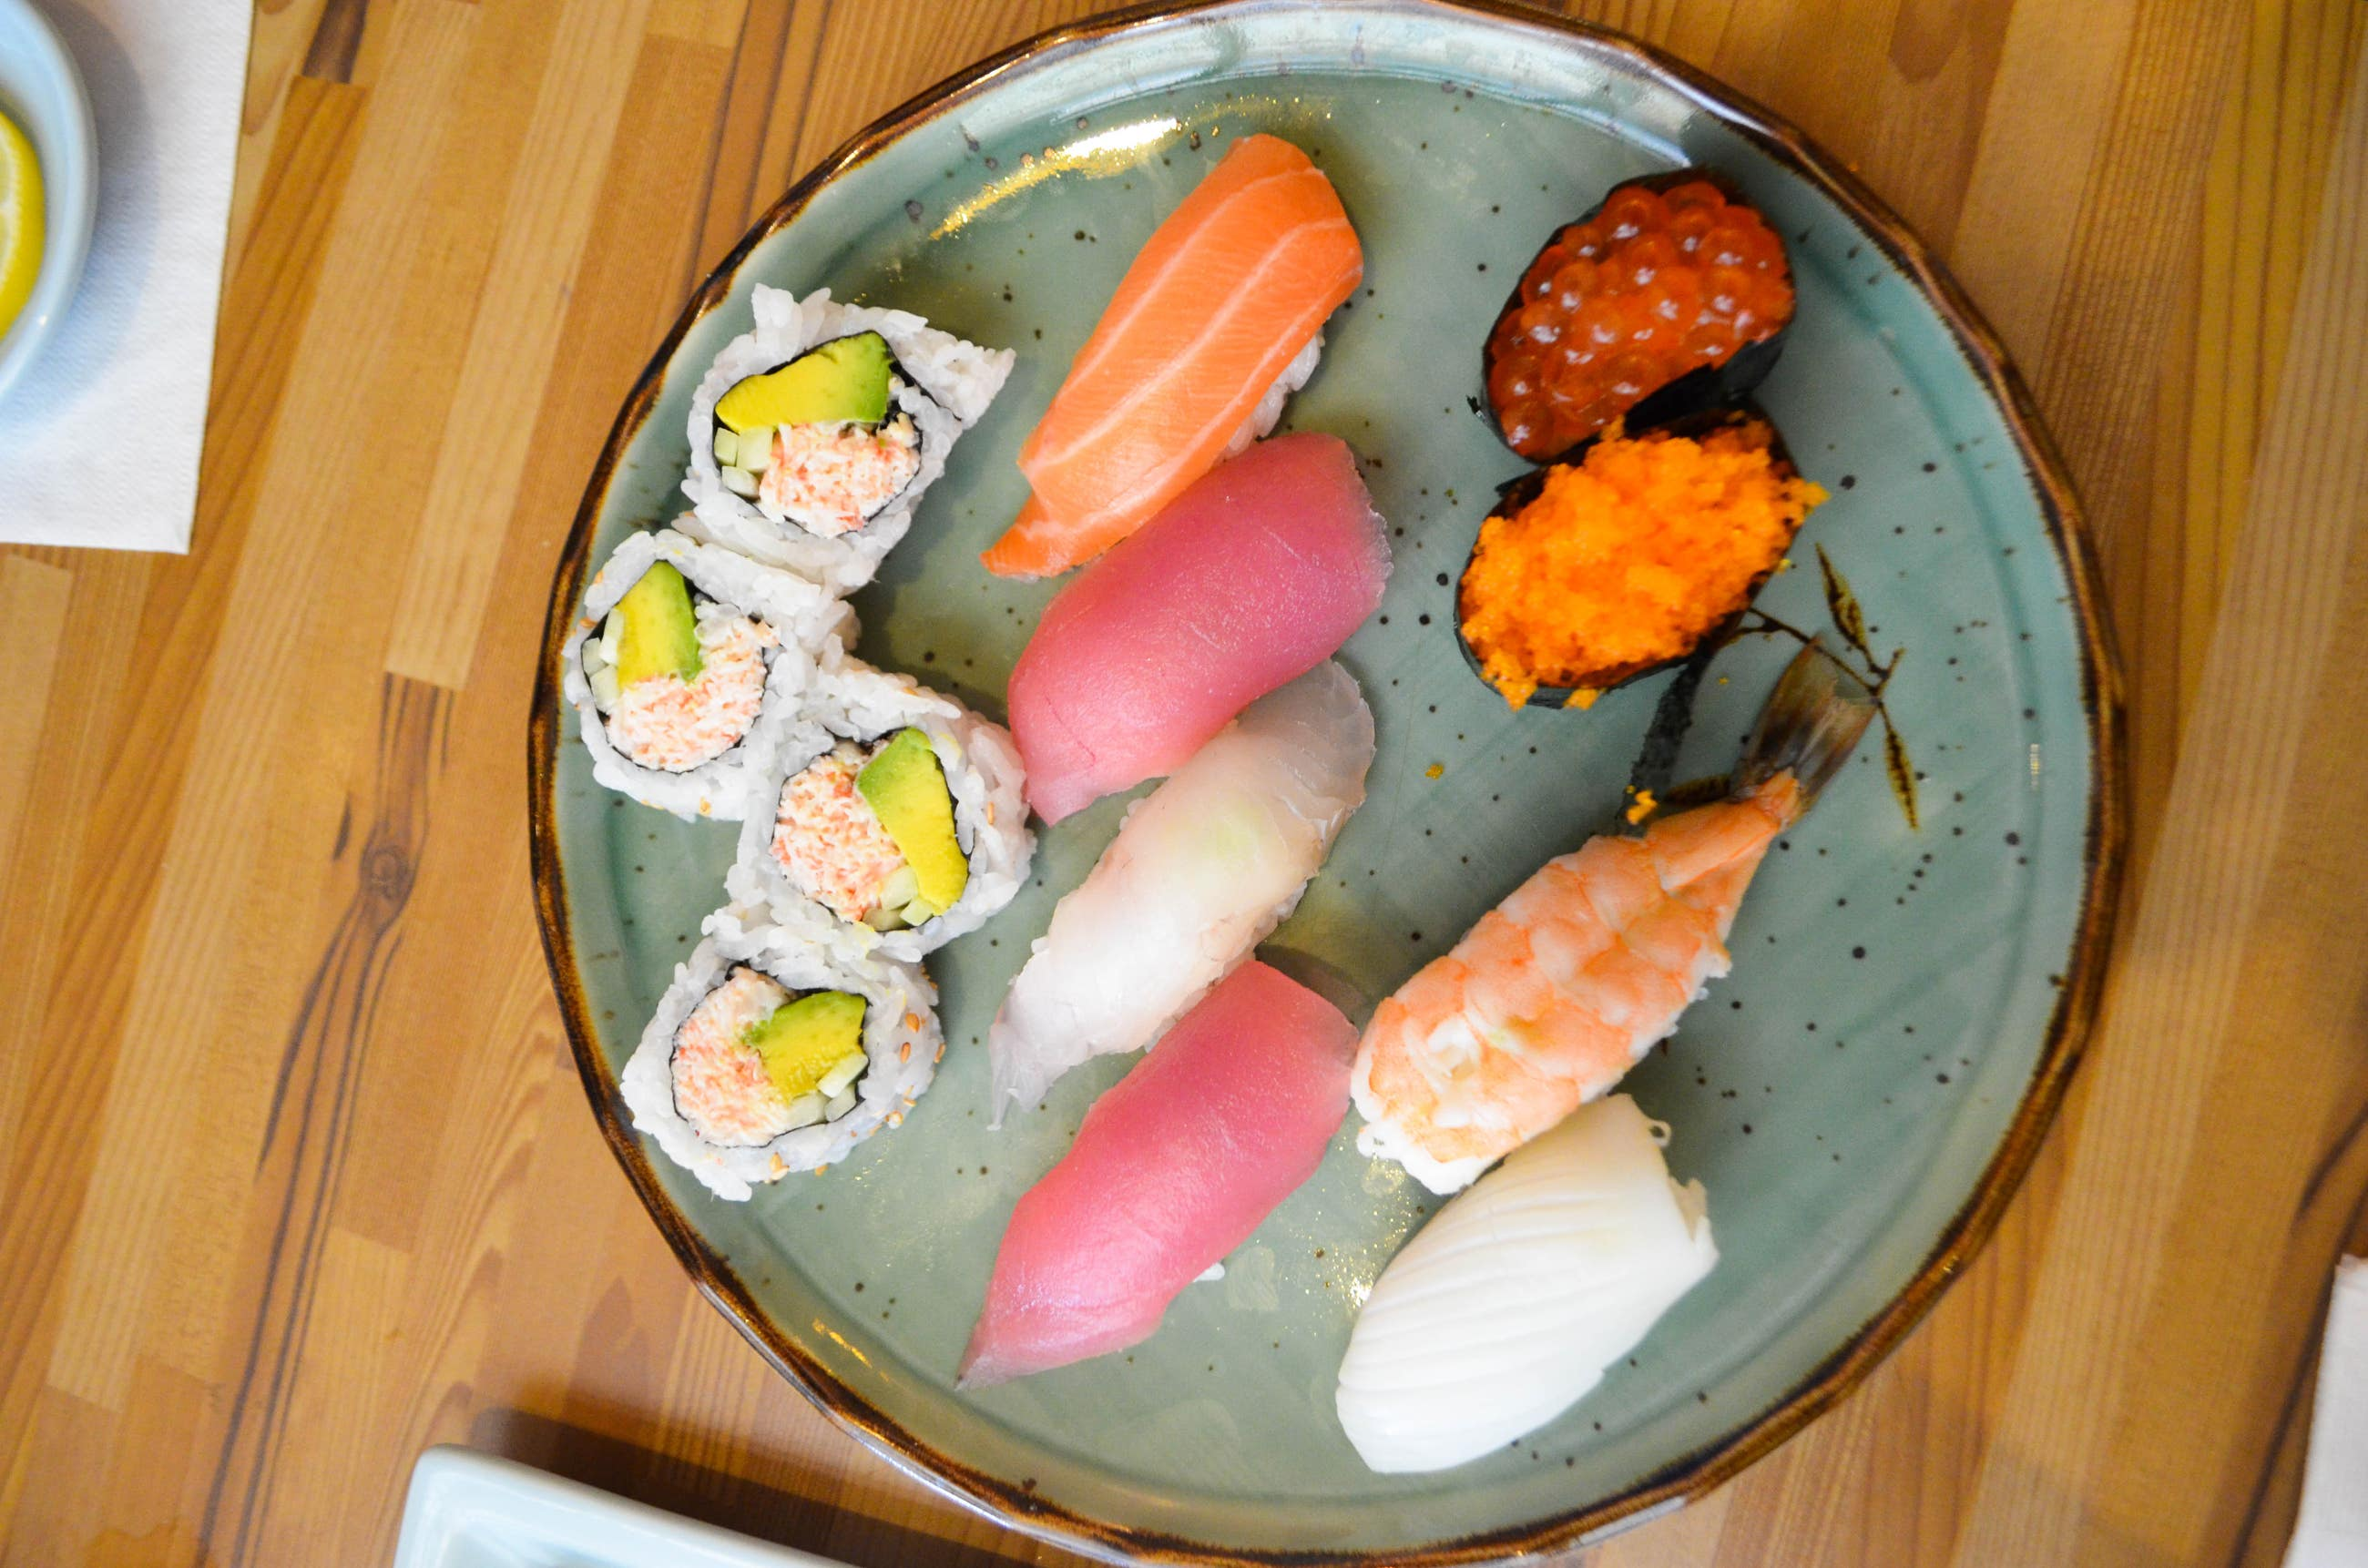 Hama Sushi in Little Tokyo